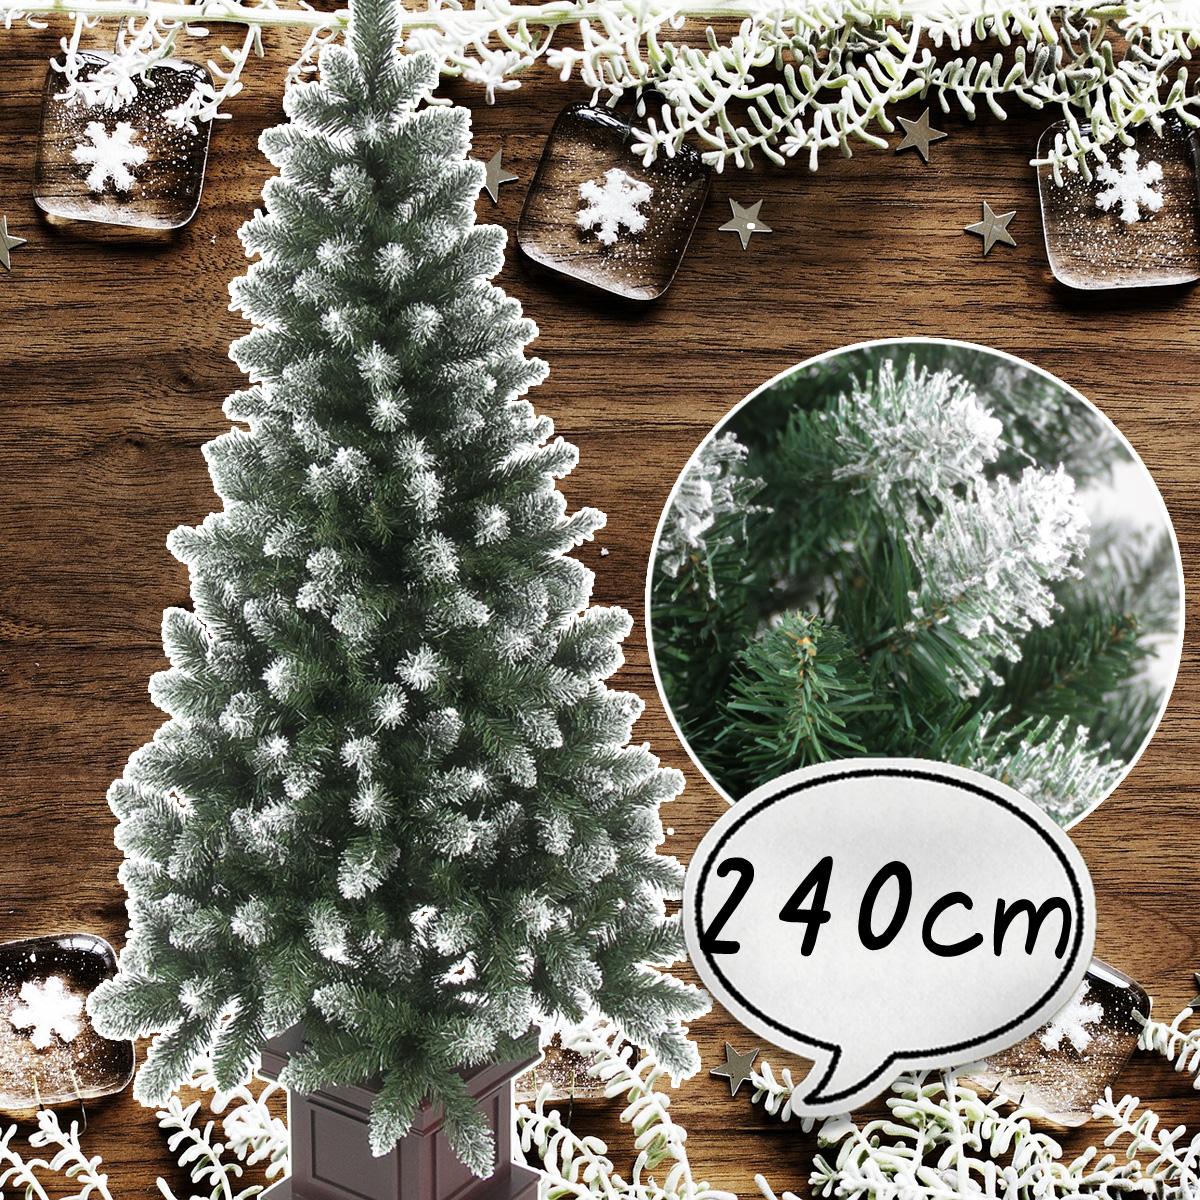 クリスマスツリー 240cm ポイントスノーツリー 先雪 木製ポット グリーン ツリーの木 ポットツリー 北欧 おしゃれ ウッドベース 【10月中旬入荷予定】